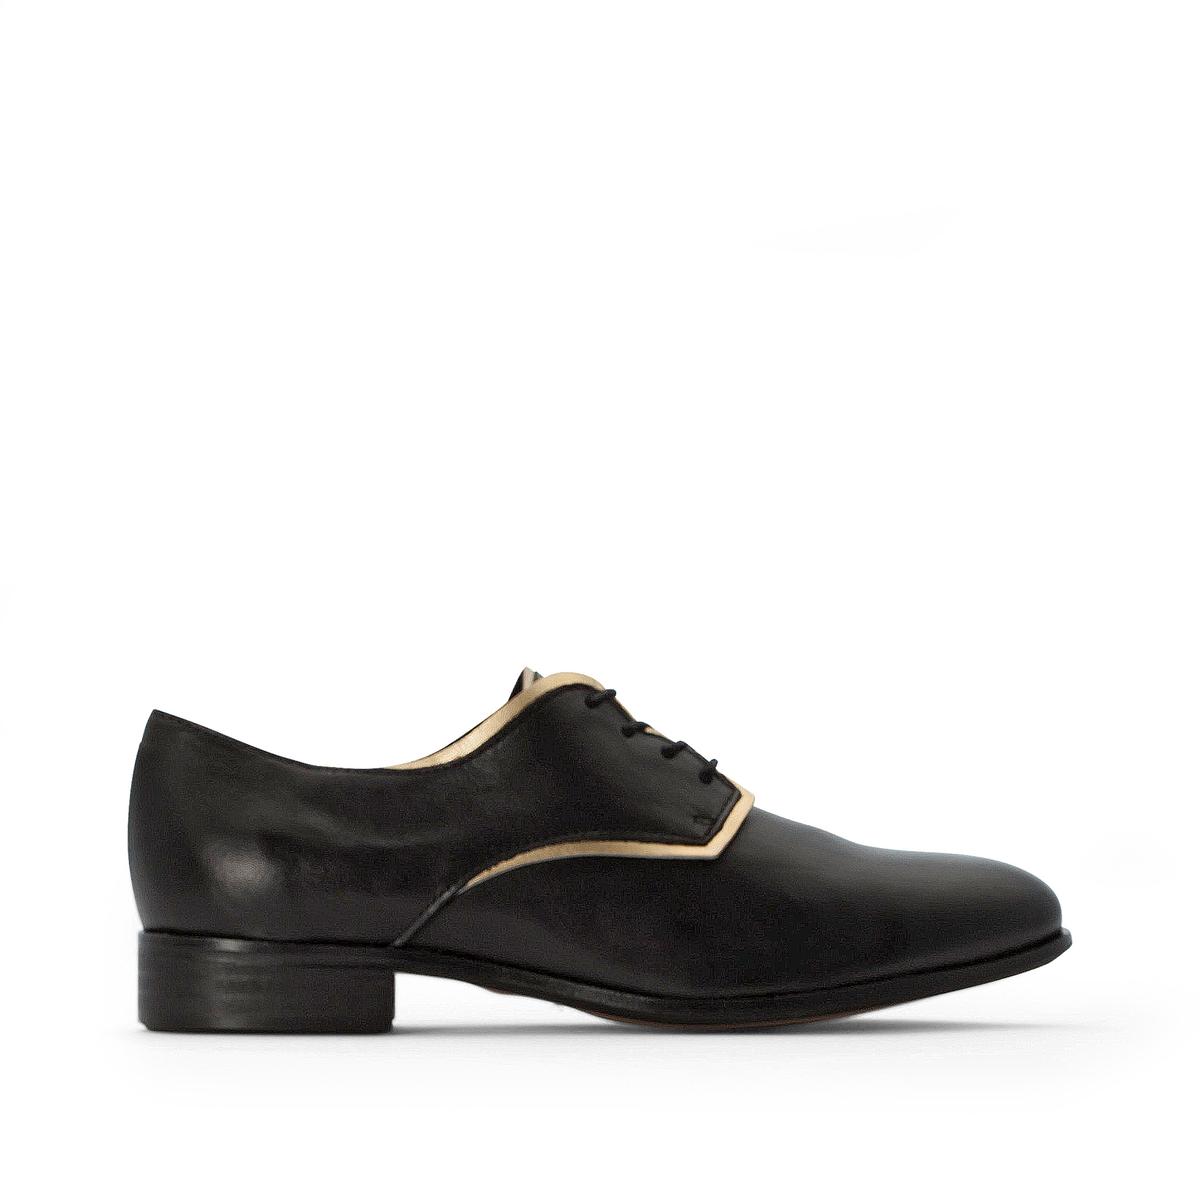 цена Ботинки-дерби La Redoute Кожаные на шнуровке 36 черный онлайн в 2017 году